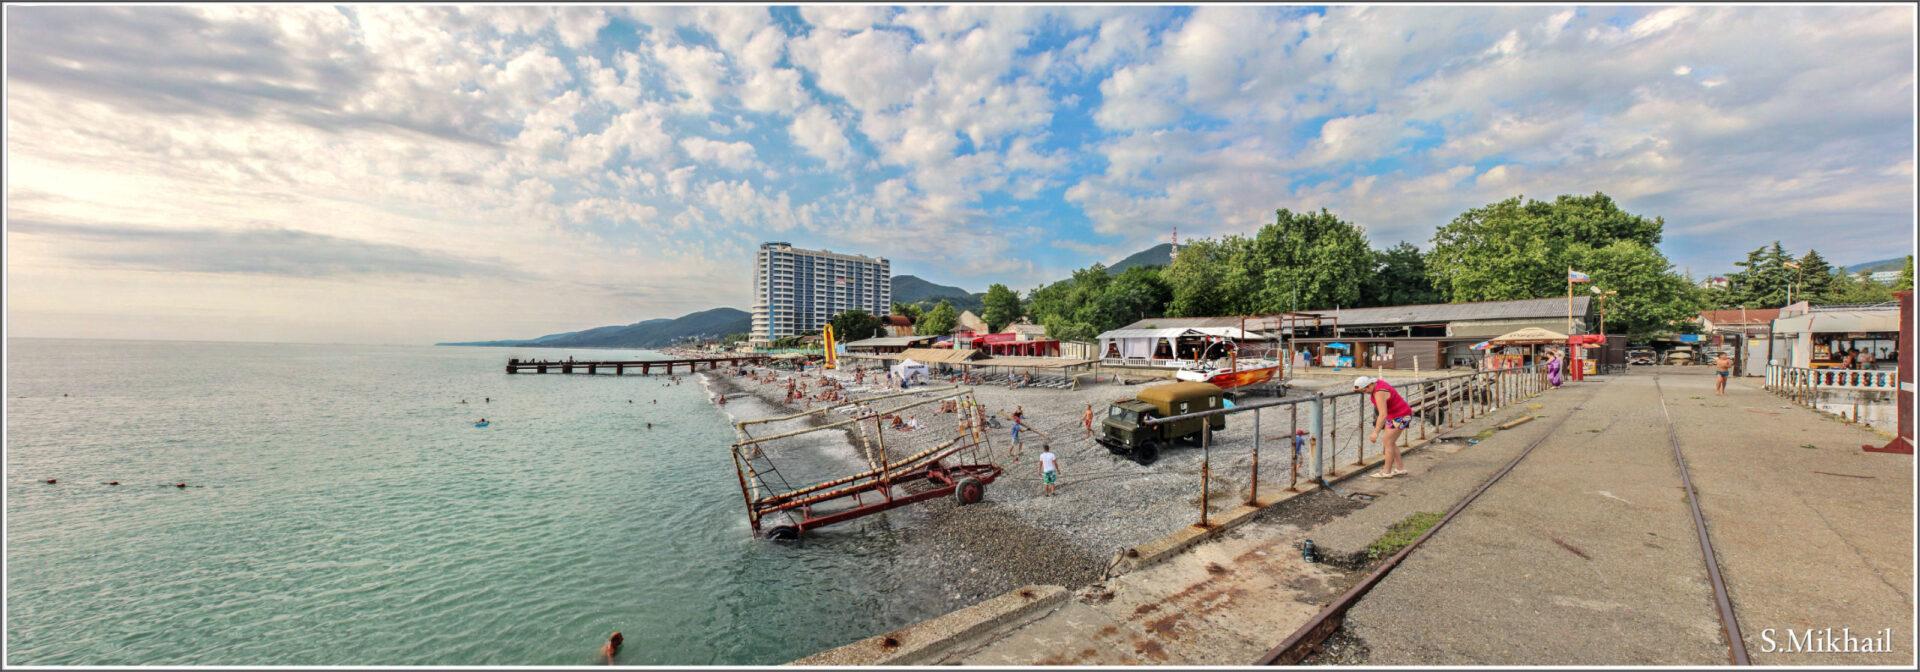 Веб-камеры Лазаревского онлайн: набережная, море, пляж 41